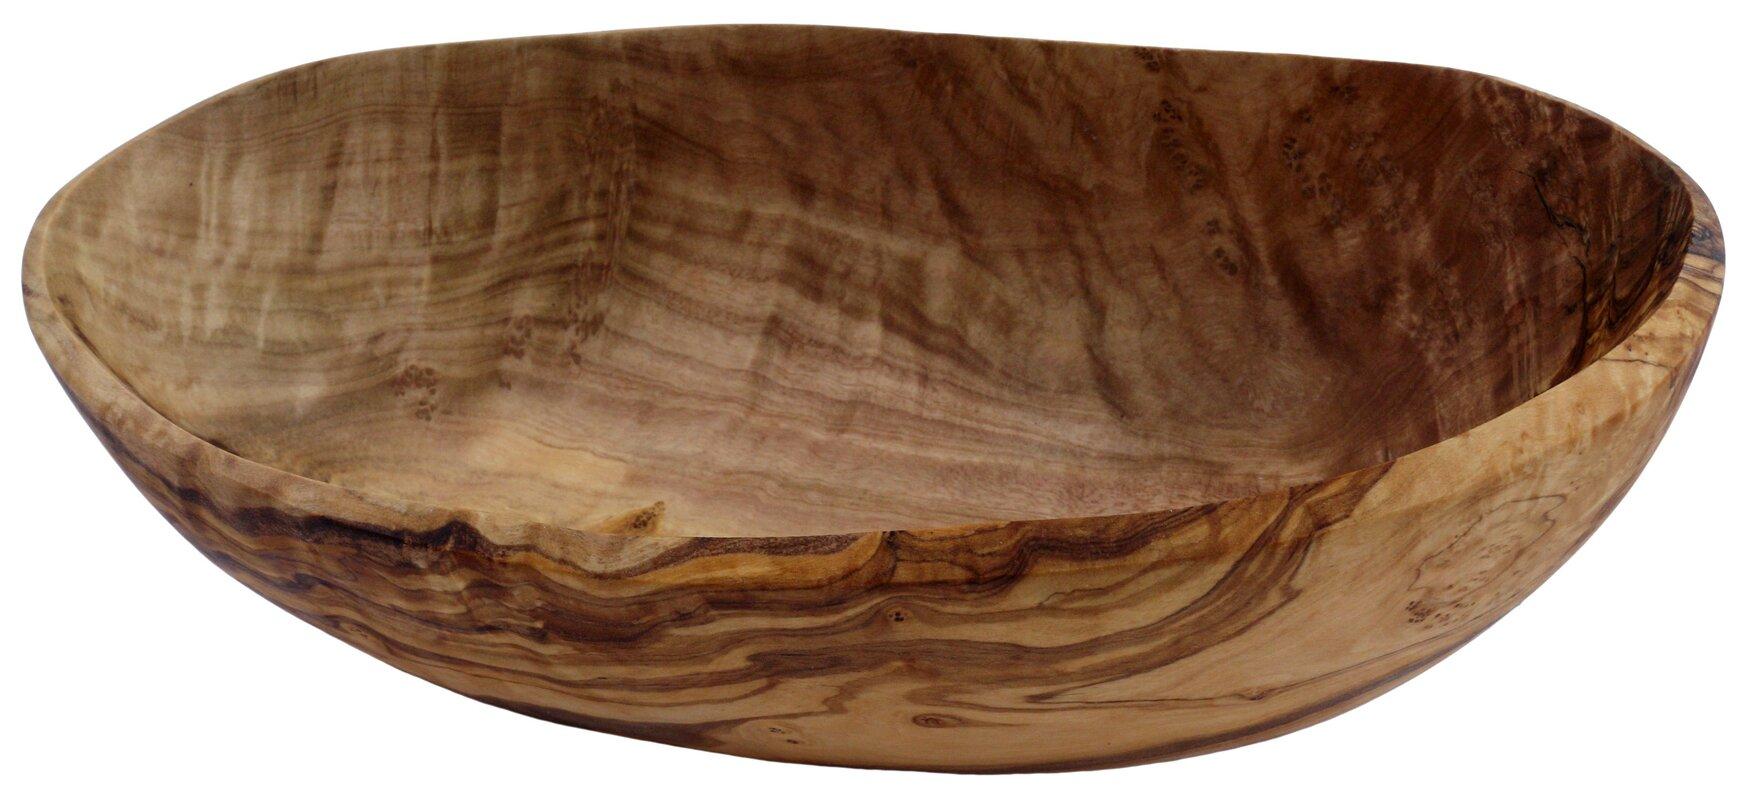 Olive Wood Natural Form Appetizer Bowl